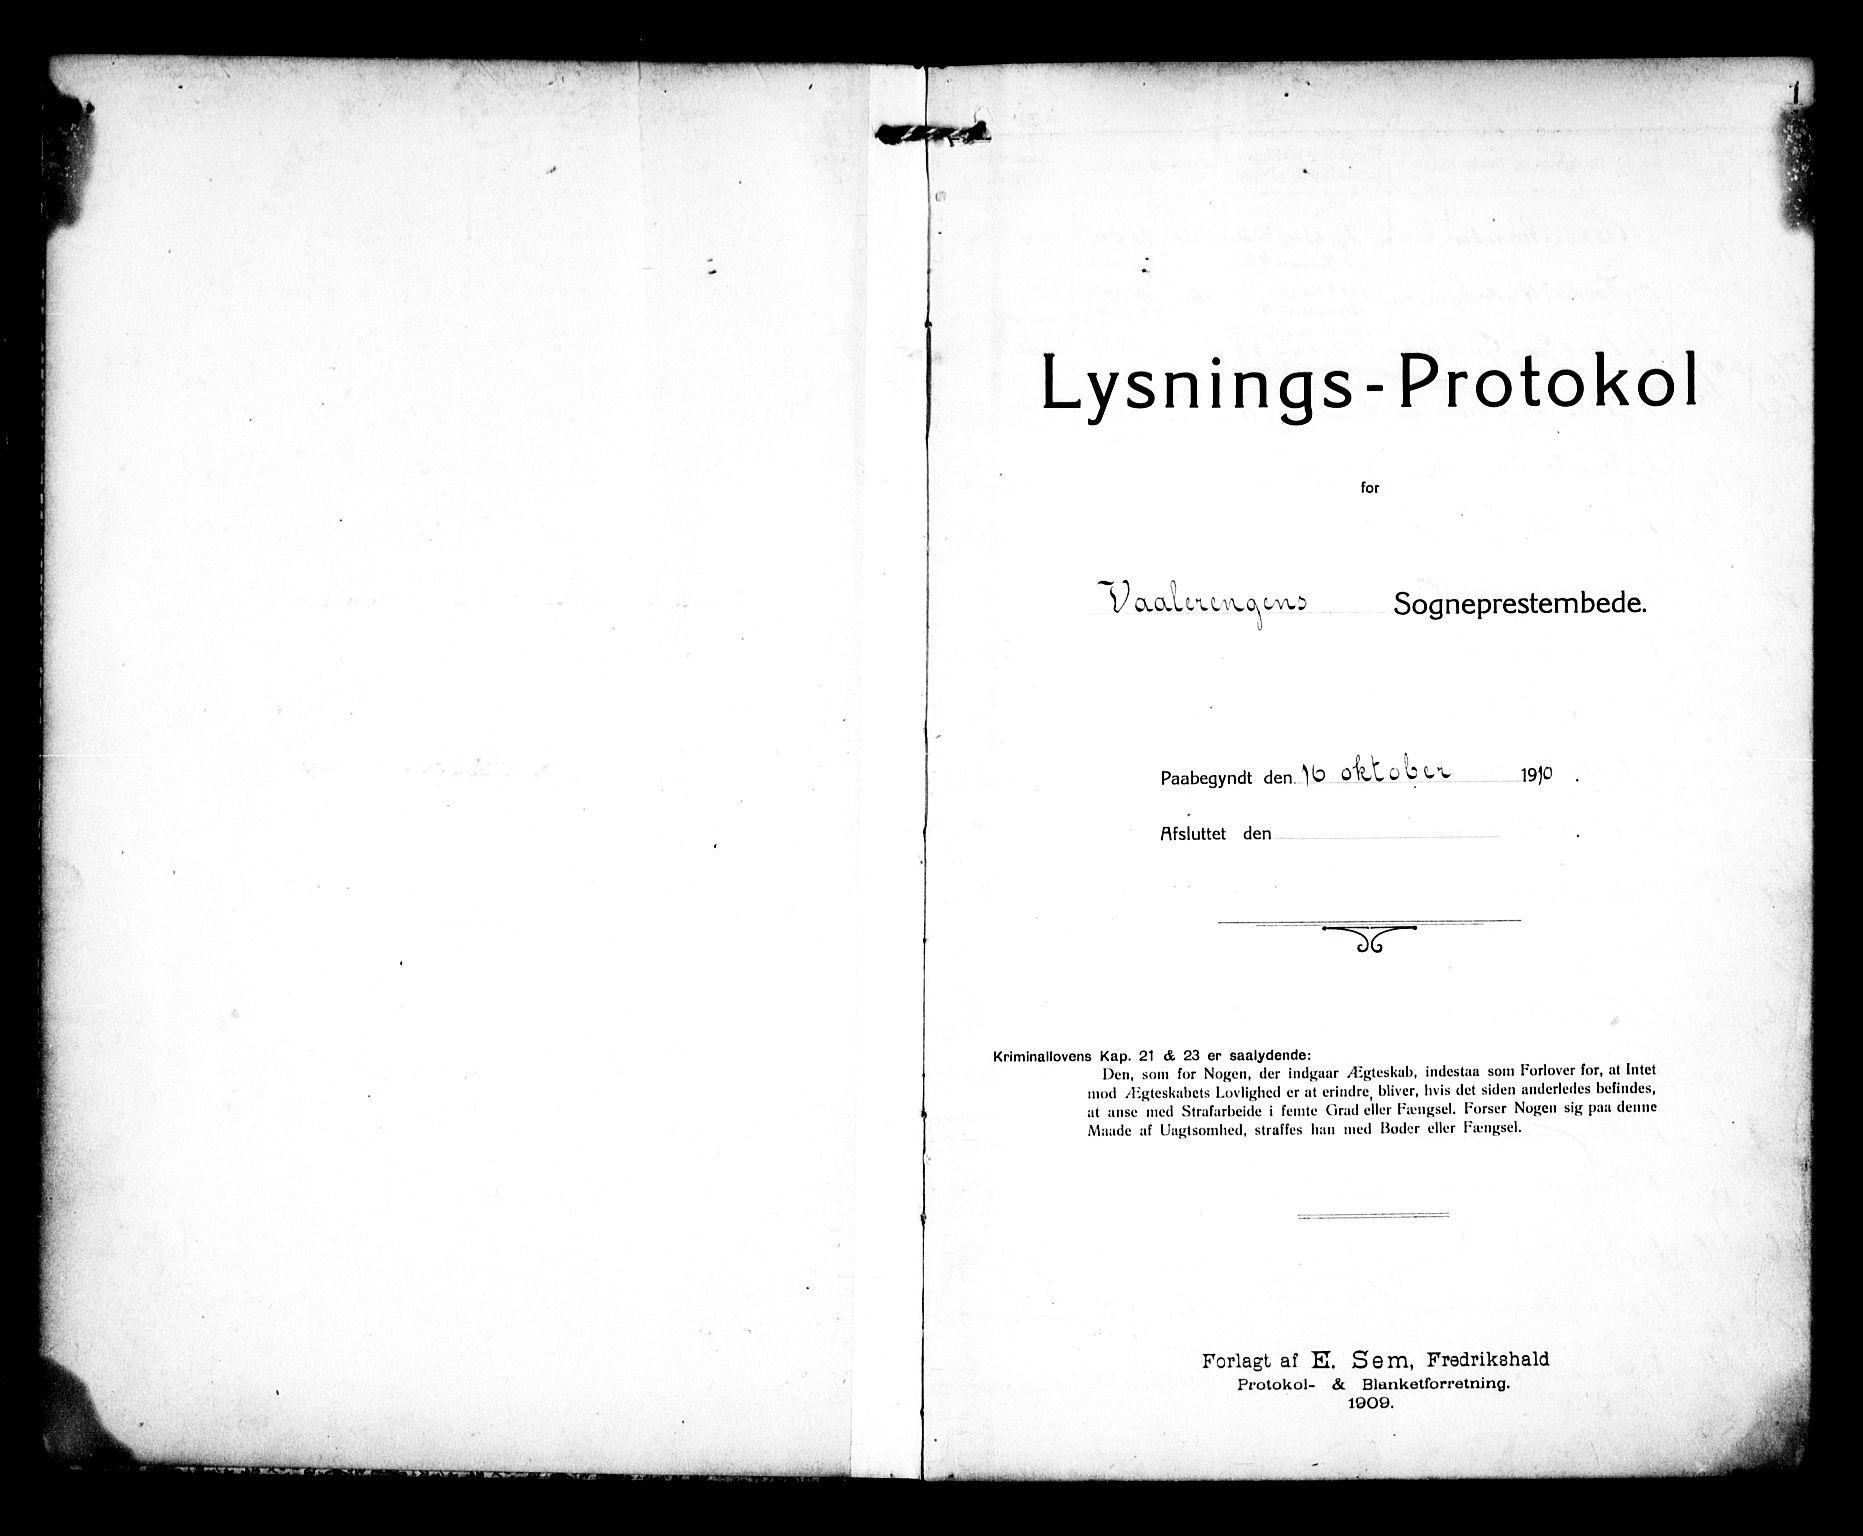 SAO, Vålerengen prestekontor Kirkebøker, H/Ha/L0002: Lysningsprotokoll nr. 2, 1910-1918, s. 1